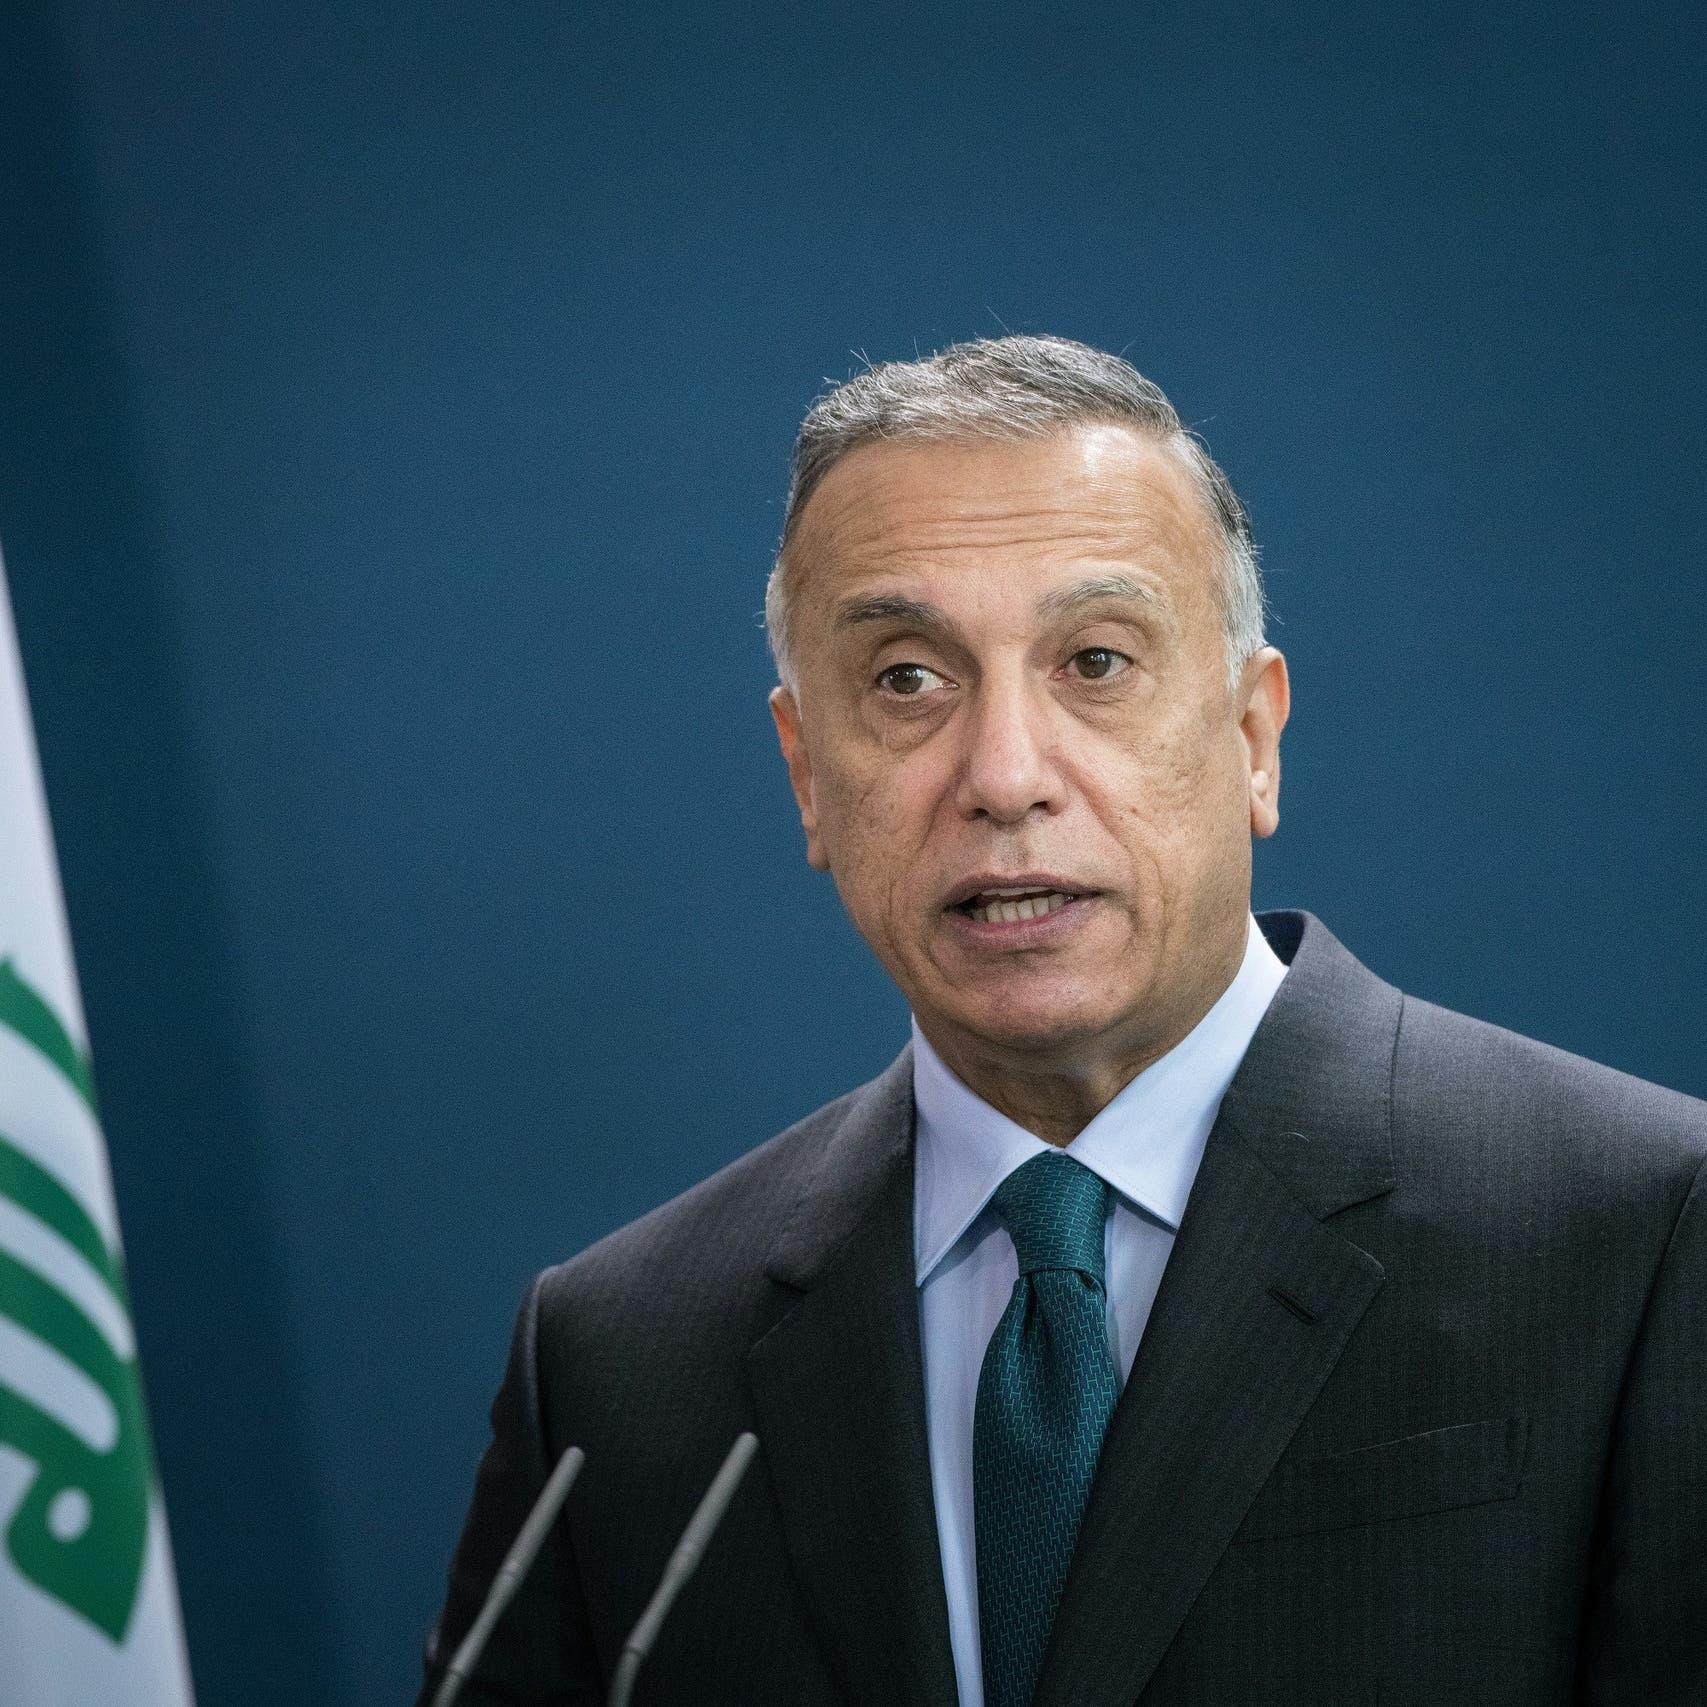 الكاظمي: بعض القوى جعلت العراق ساحة لتسوية الحسابات